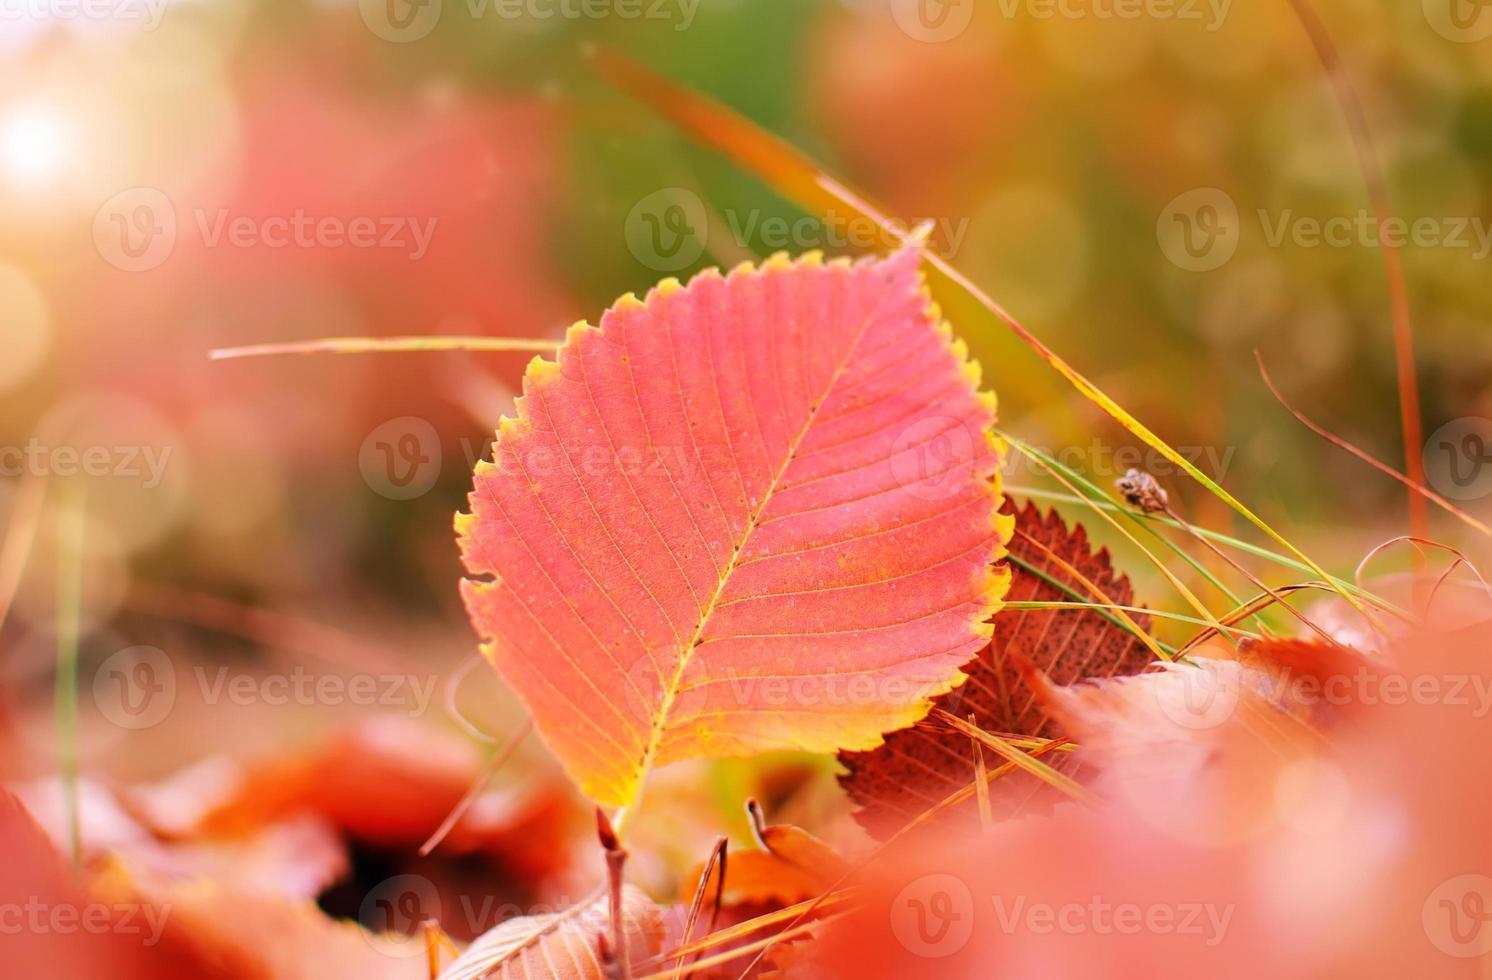 kleurrijke herfst foto